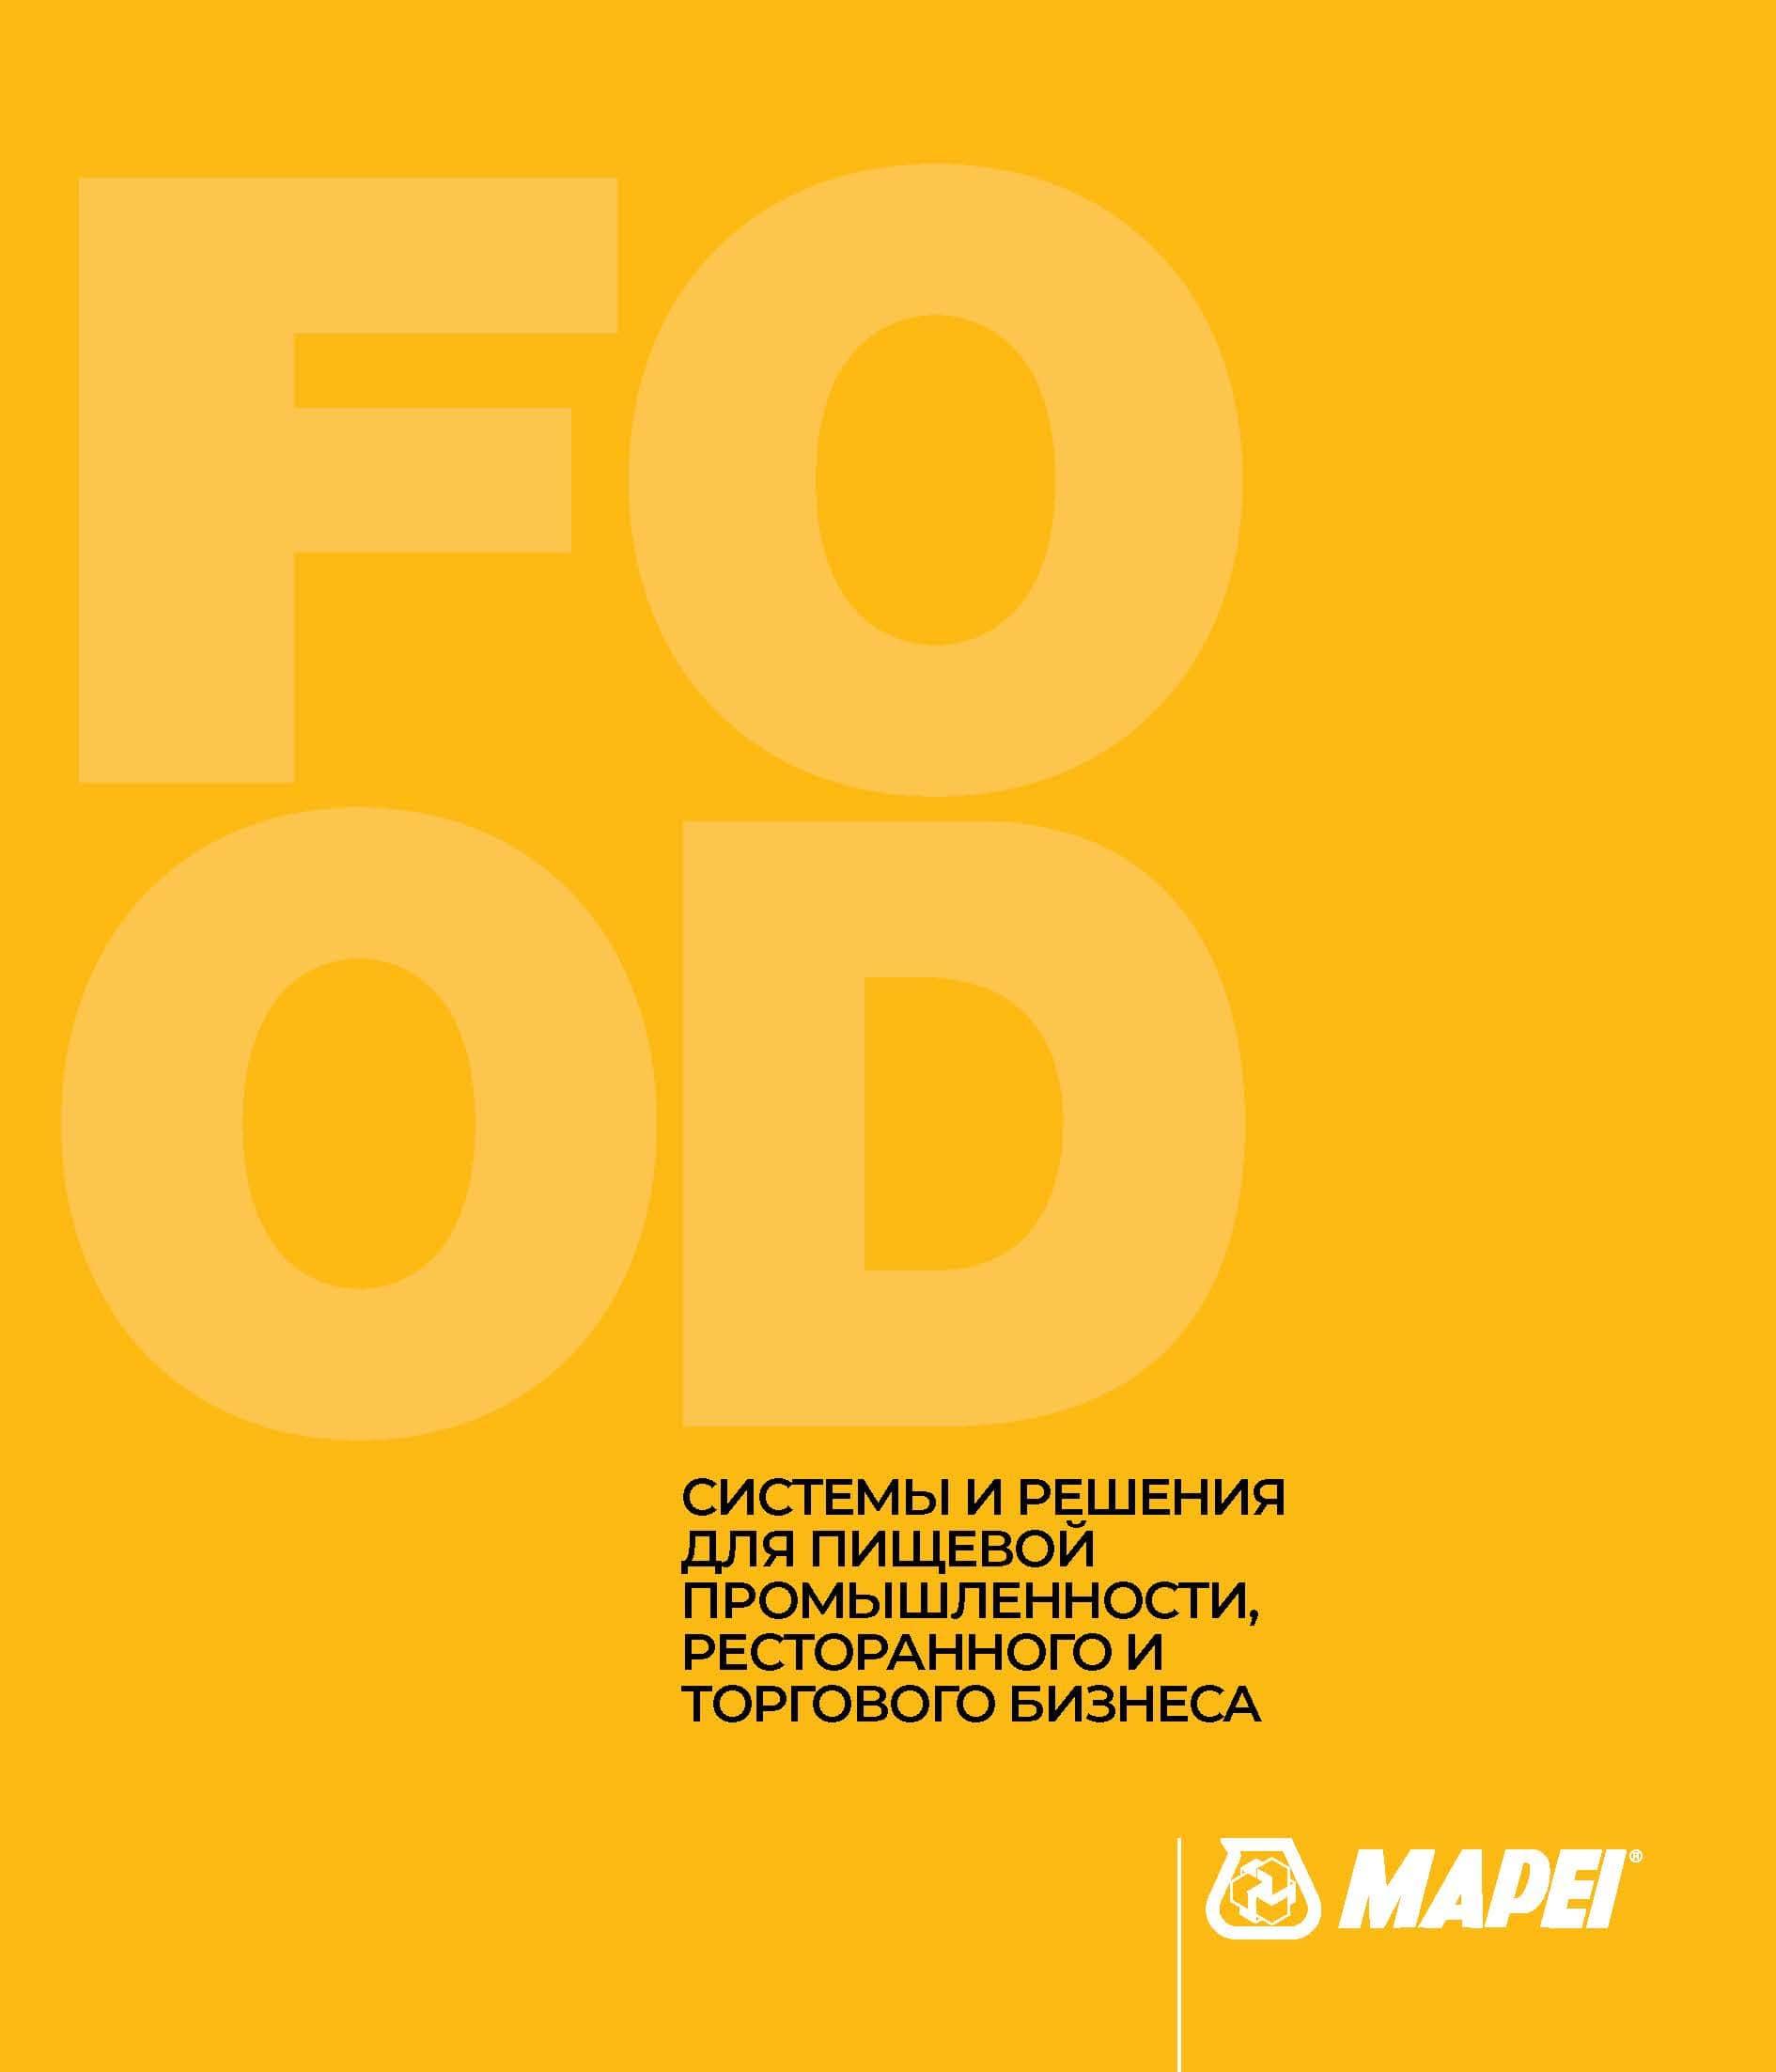 """Каталог """"Системы и решения для пищевой промышленности, ресторанного и торгового бизнеса"""""""